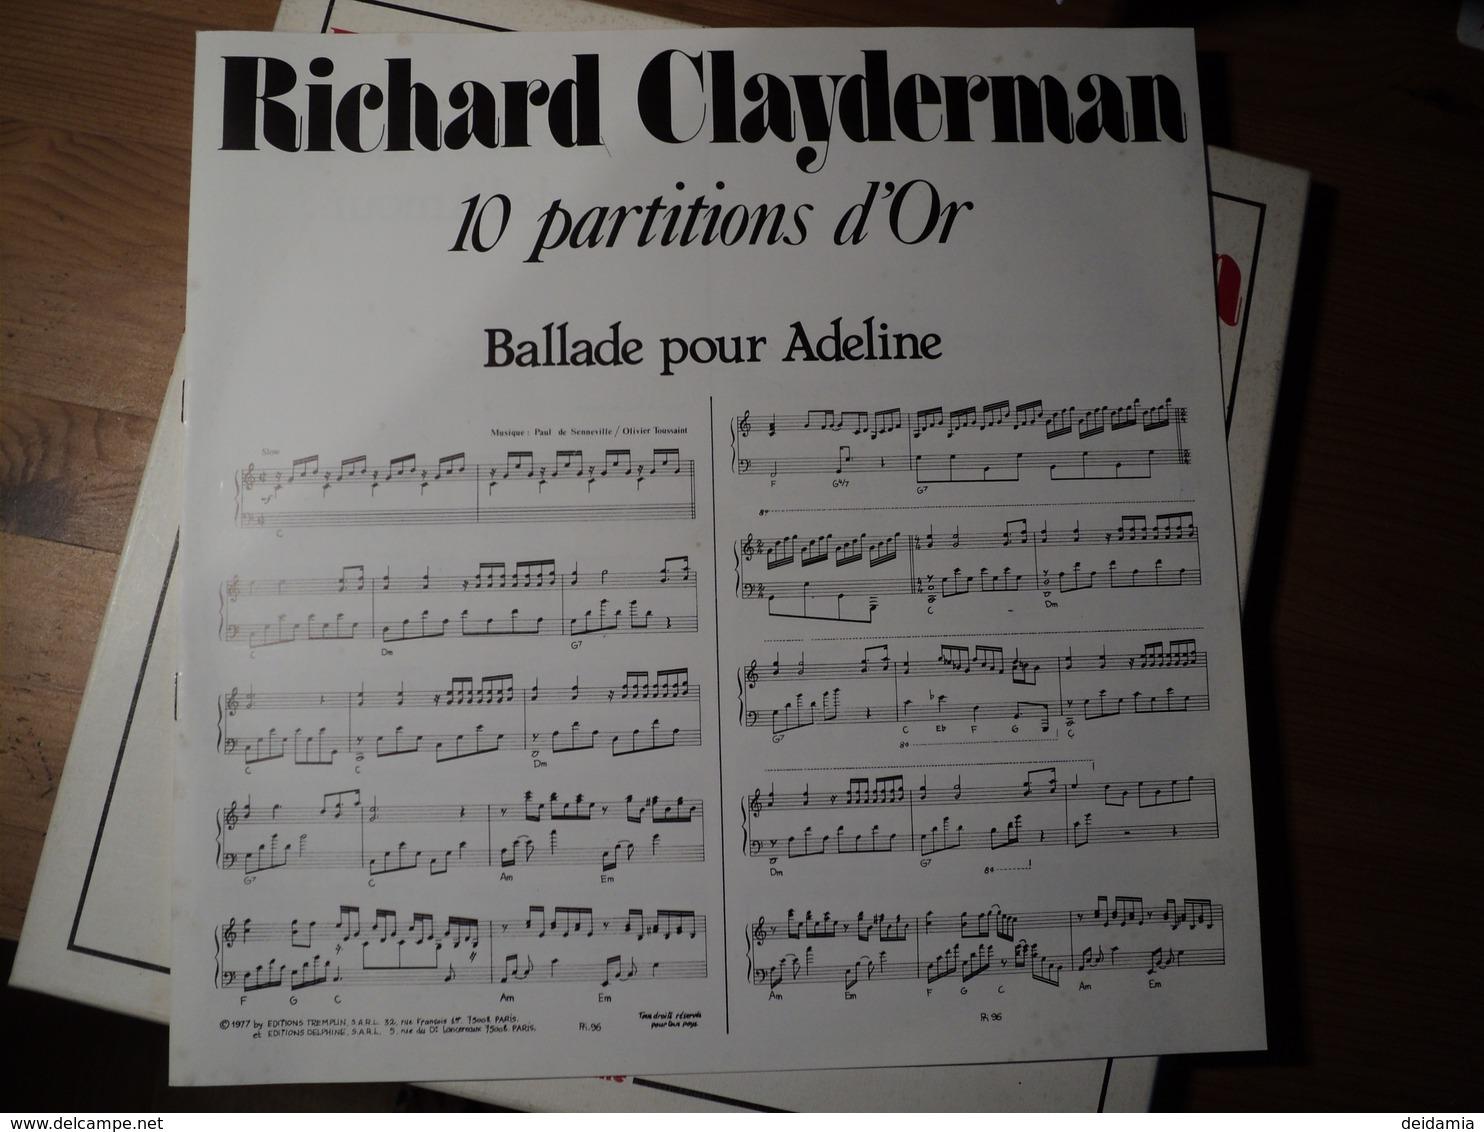 COFFRET TROIS 33 TOURS RICHARD CLAYDERMAN. 1980. DELPHINE 5 700603/4/5 DOLANNES MELODIE / YESTERDAY / LIEBERSTRAUM / DO - Instrumental